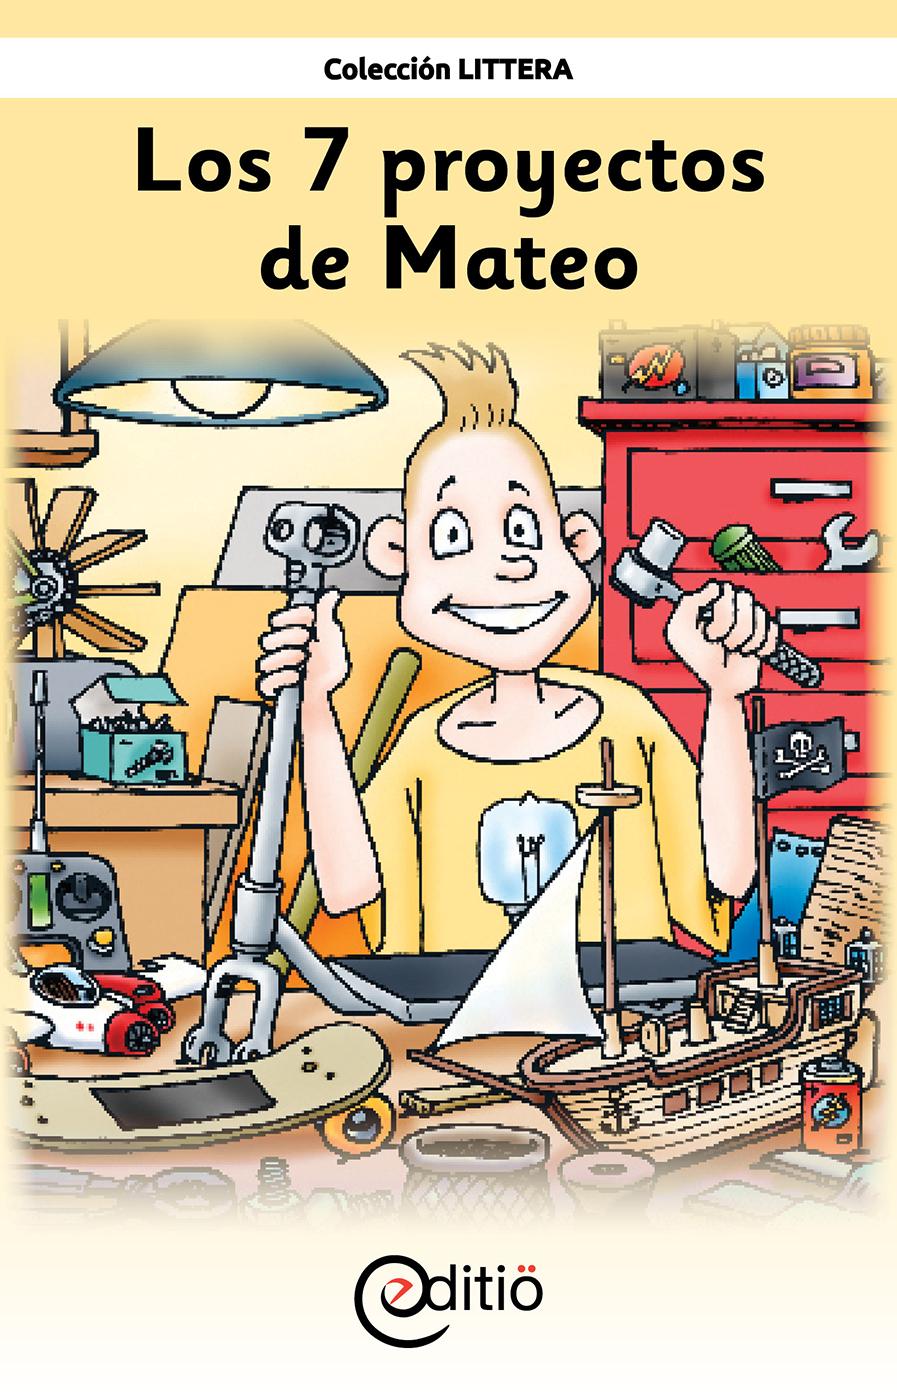 Los 7 proyectos de Mateo